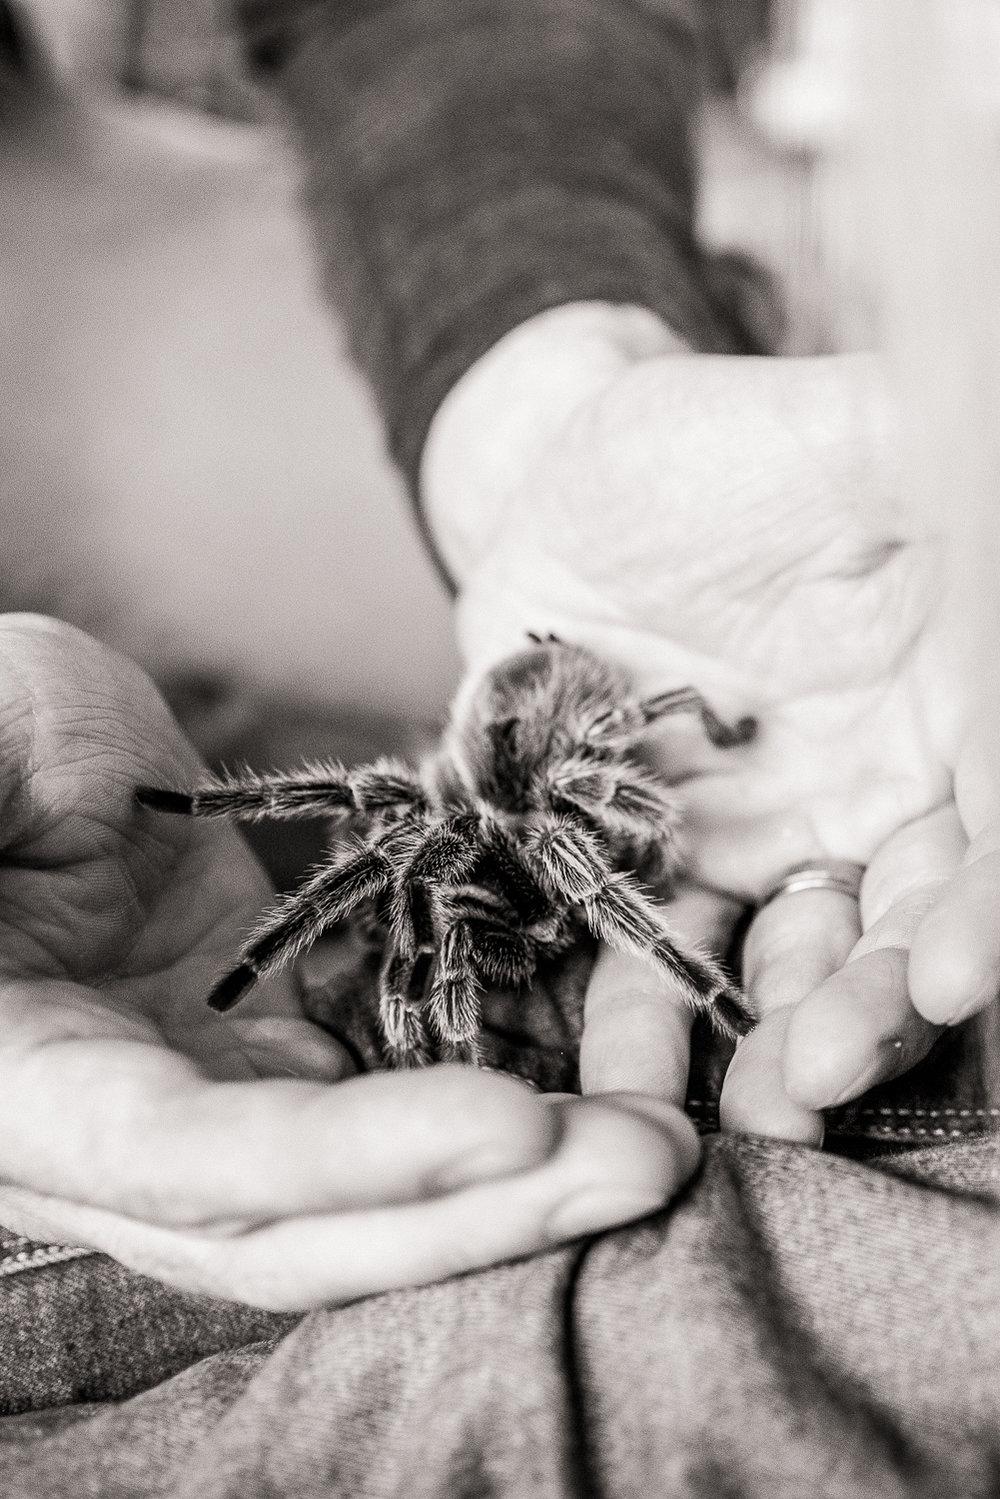 pet turantula